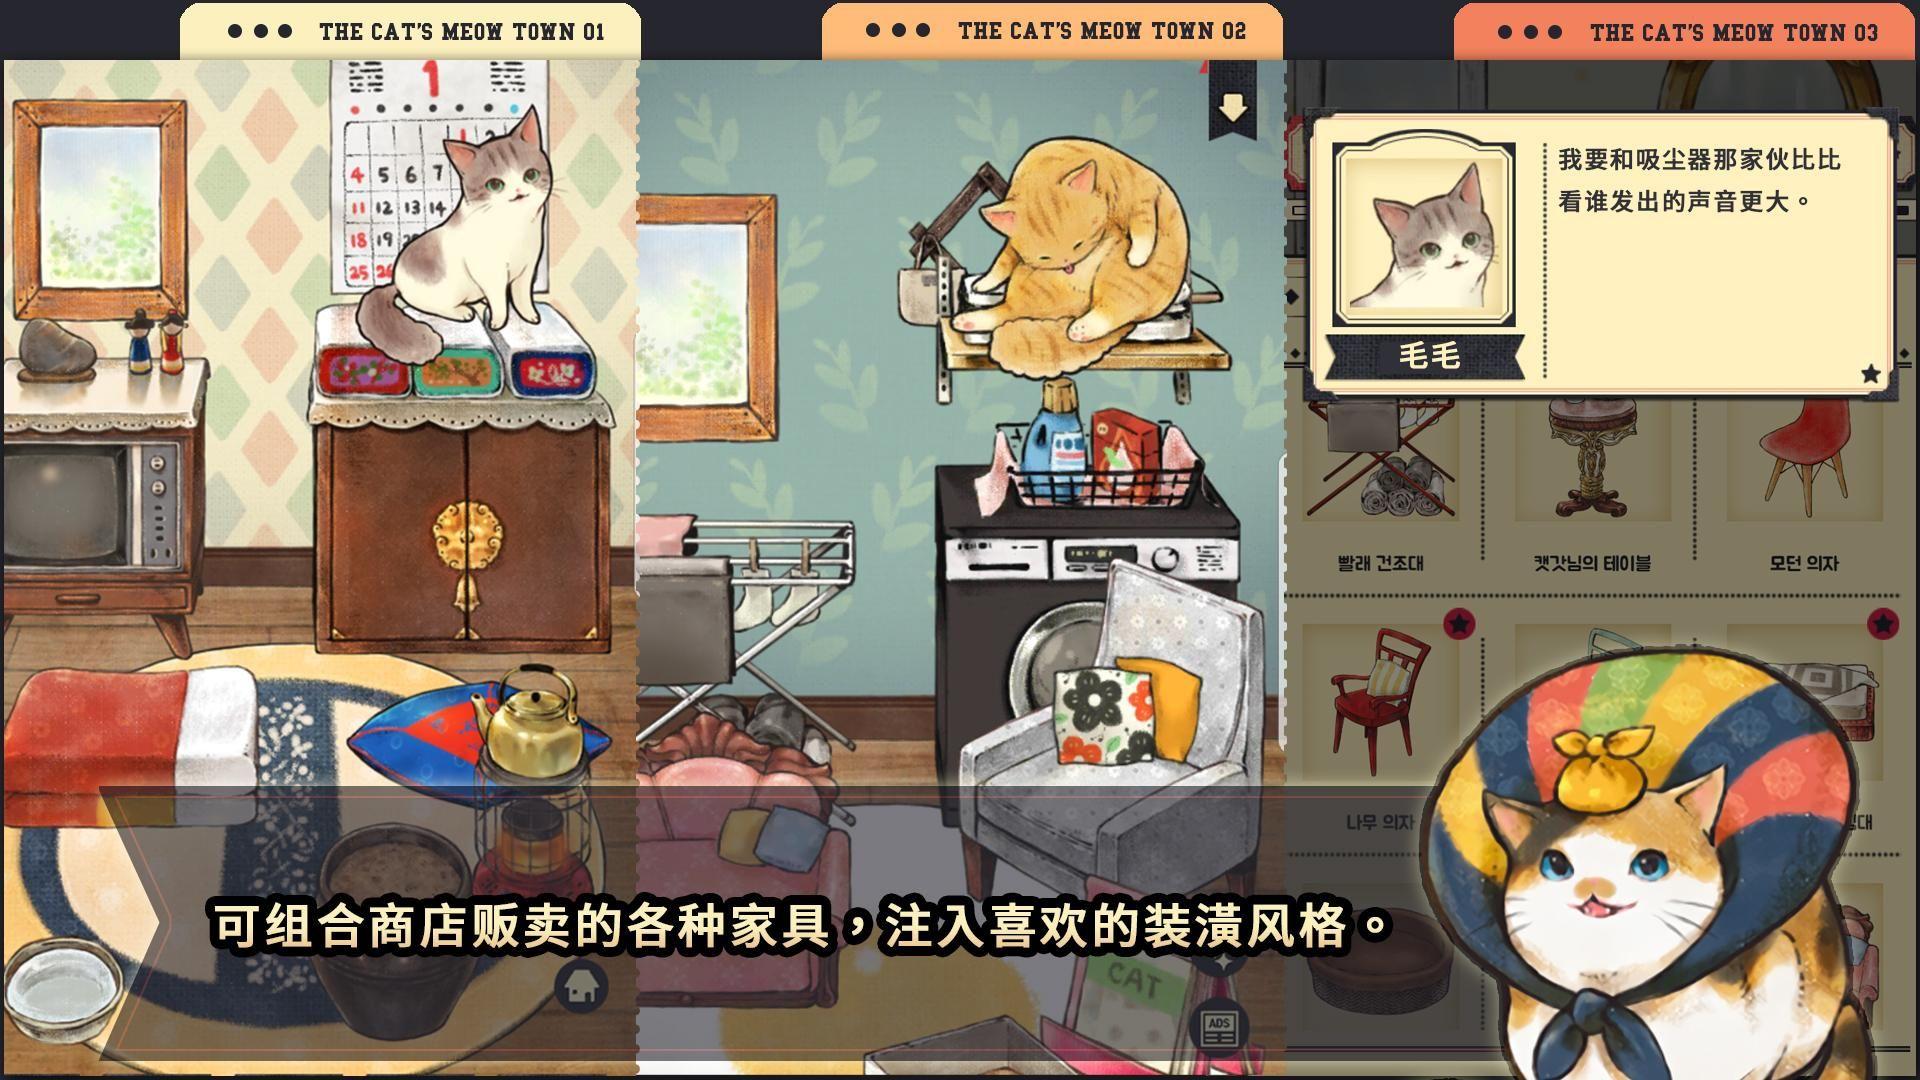 猫咪天堂 游戏截图2